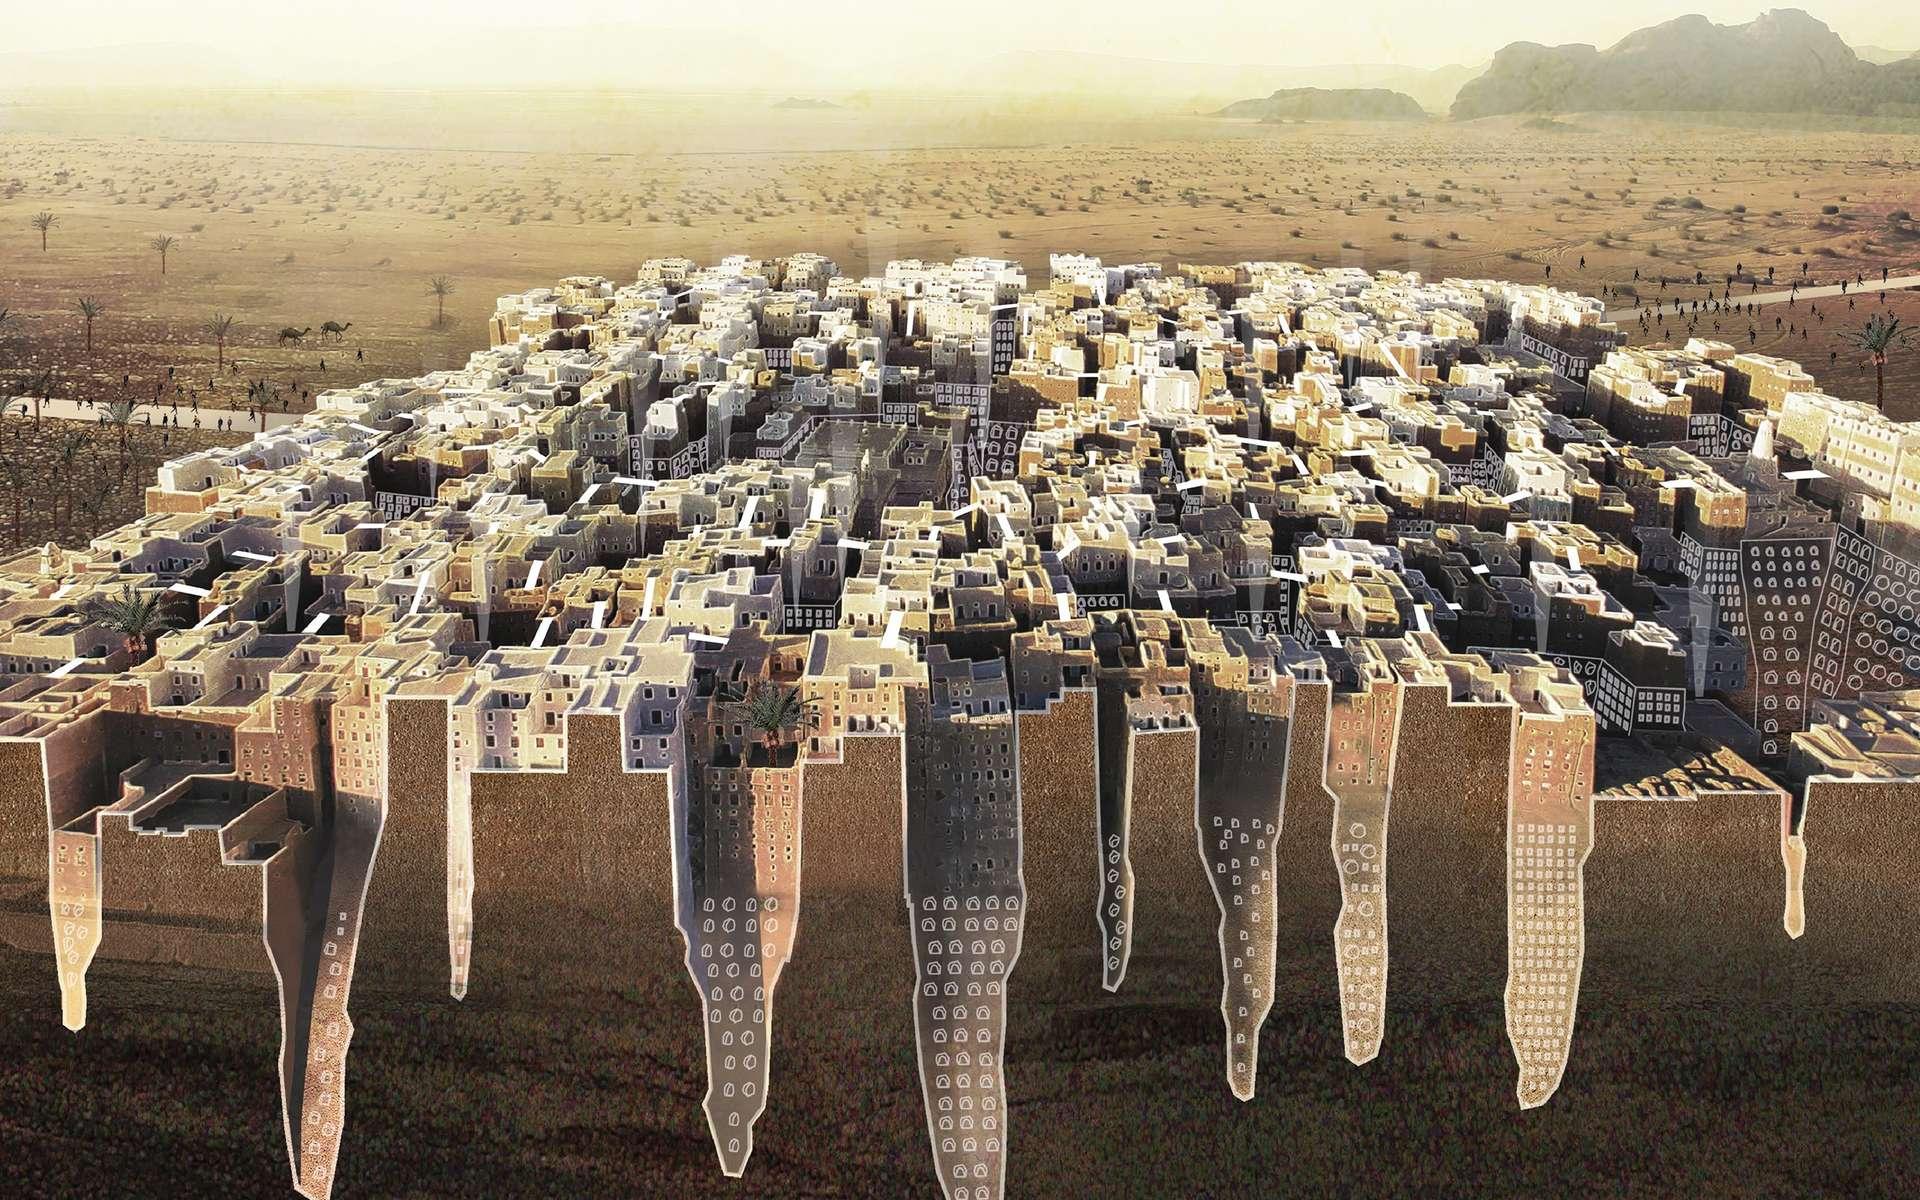 Des projets pas si fous que cela pour les villes du futur, comme celui d'une cité enterrée sous la ville fortifiée de Shibam, au Yémen. © Estelle Filliat, Charlotte Ferreux, Duc Truong, Elias Vogel, eVolo